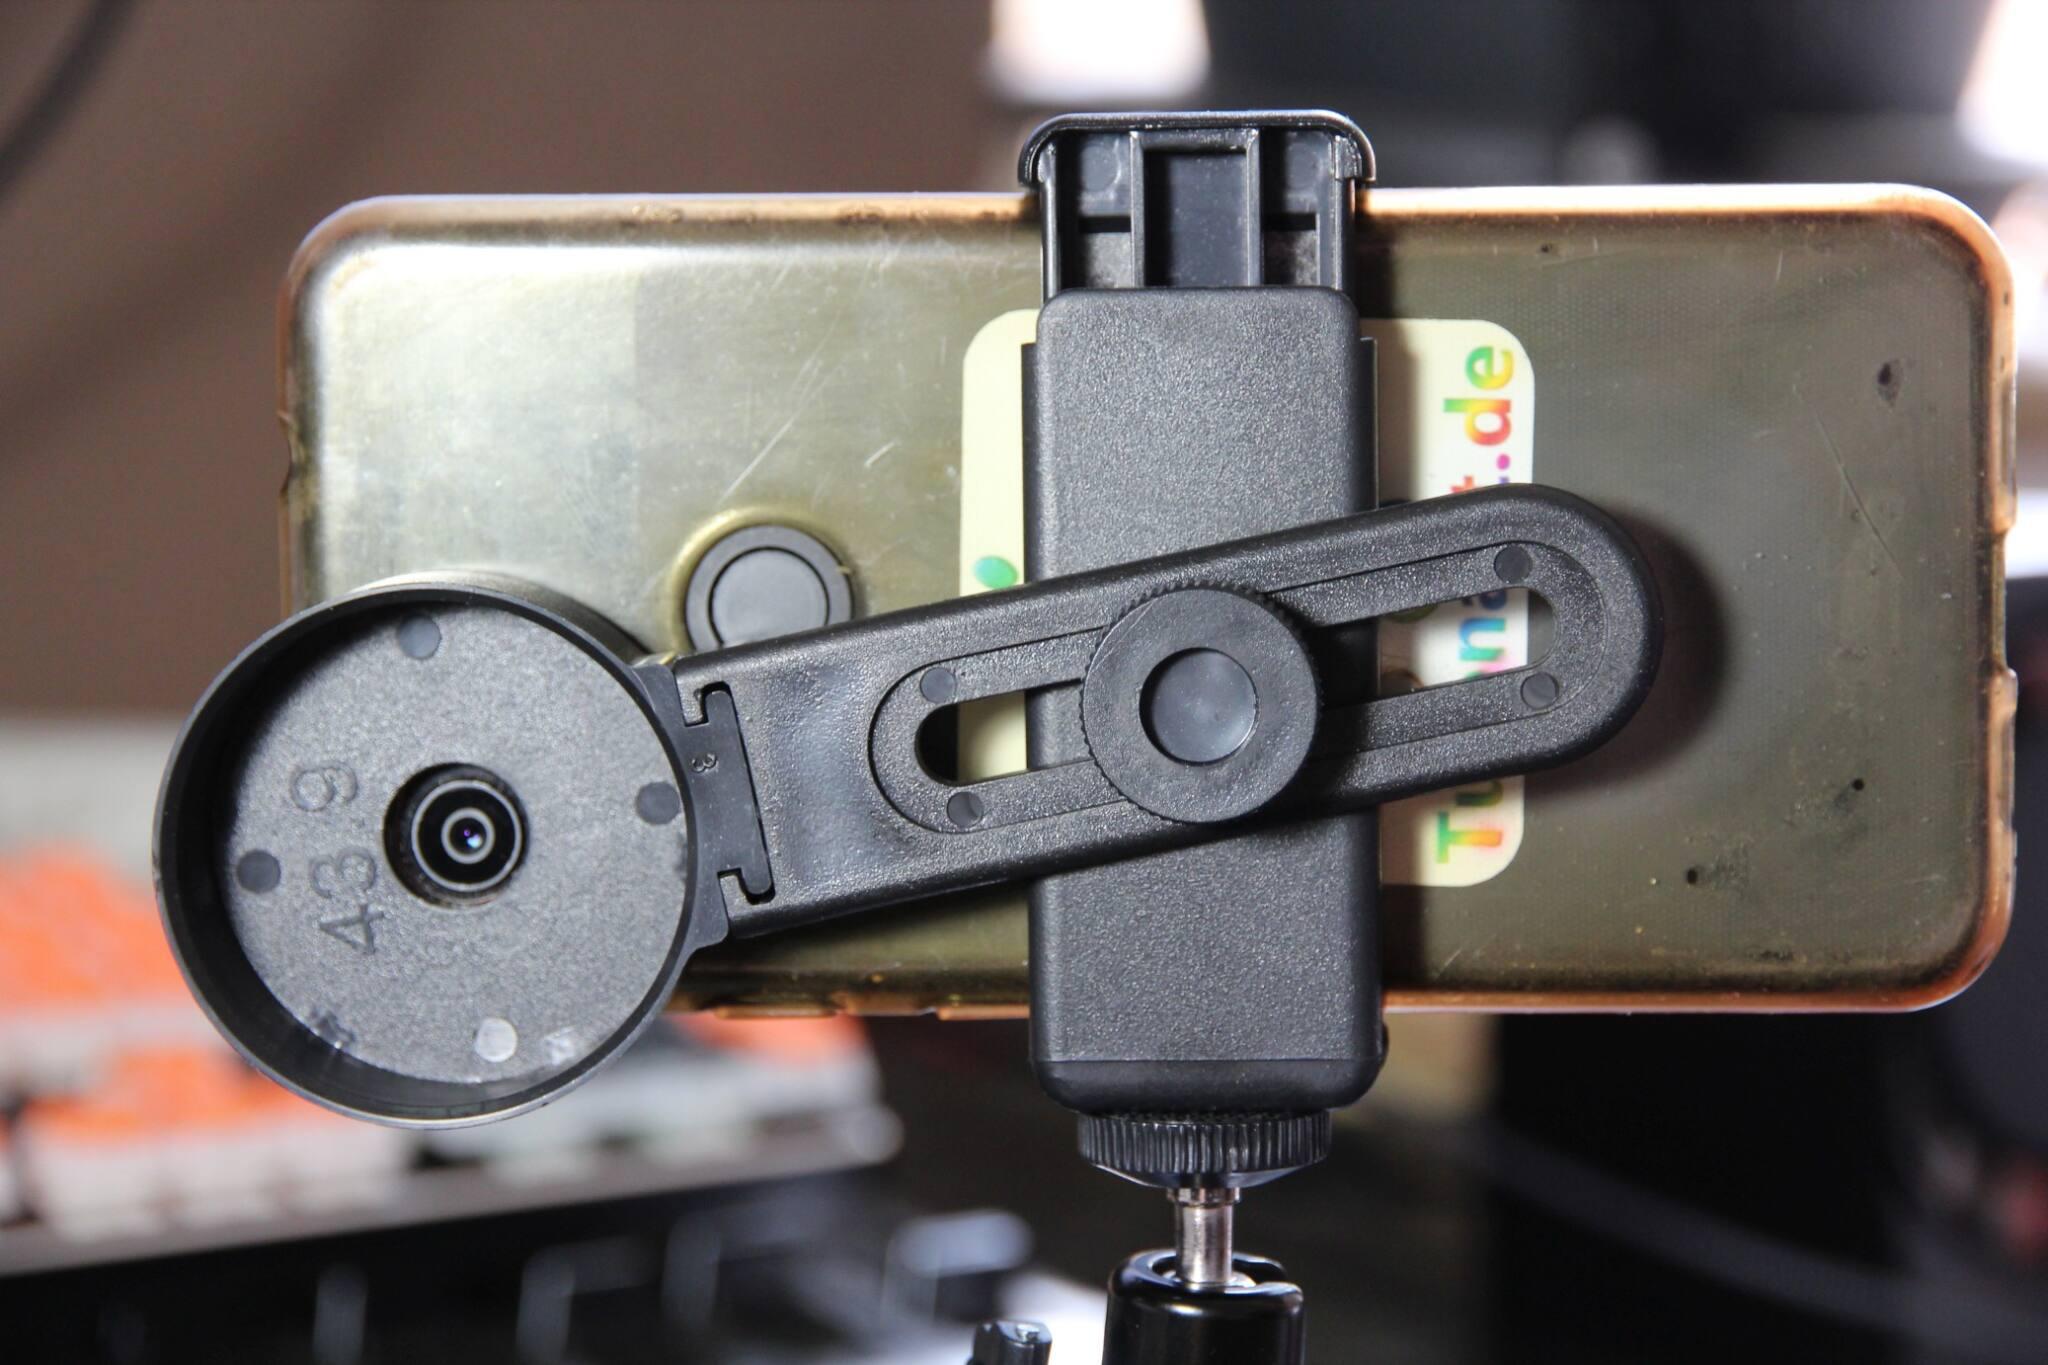 smartphone-halterung im detail.